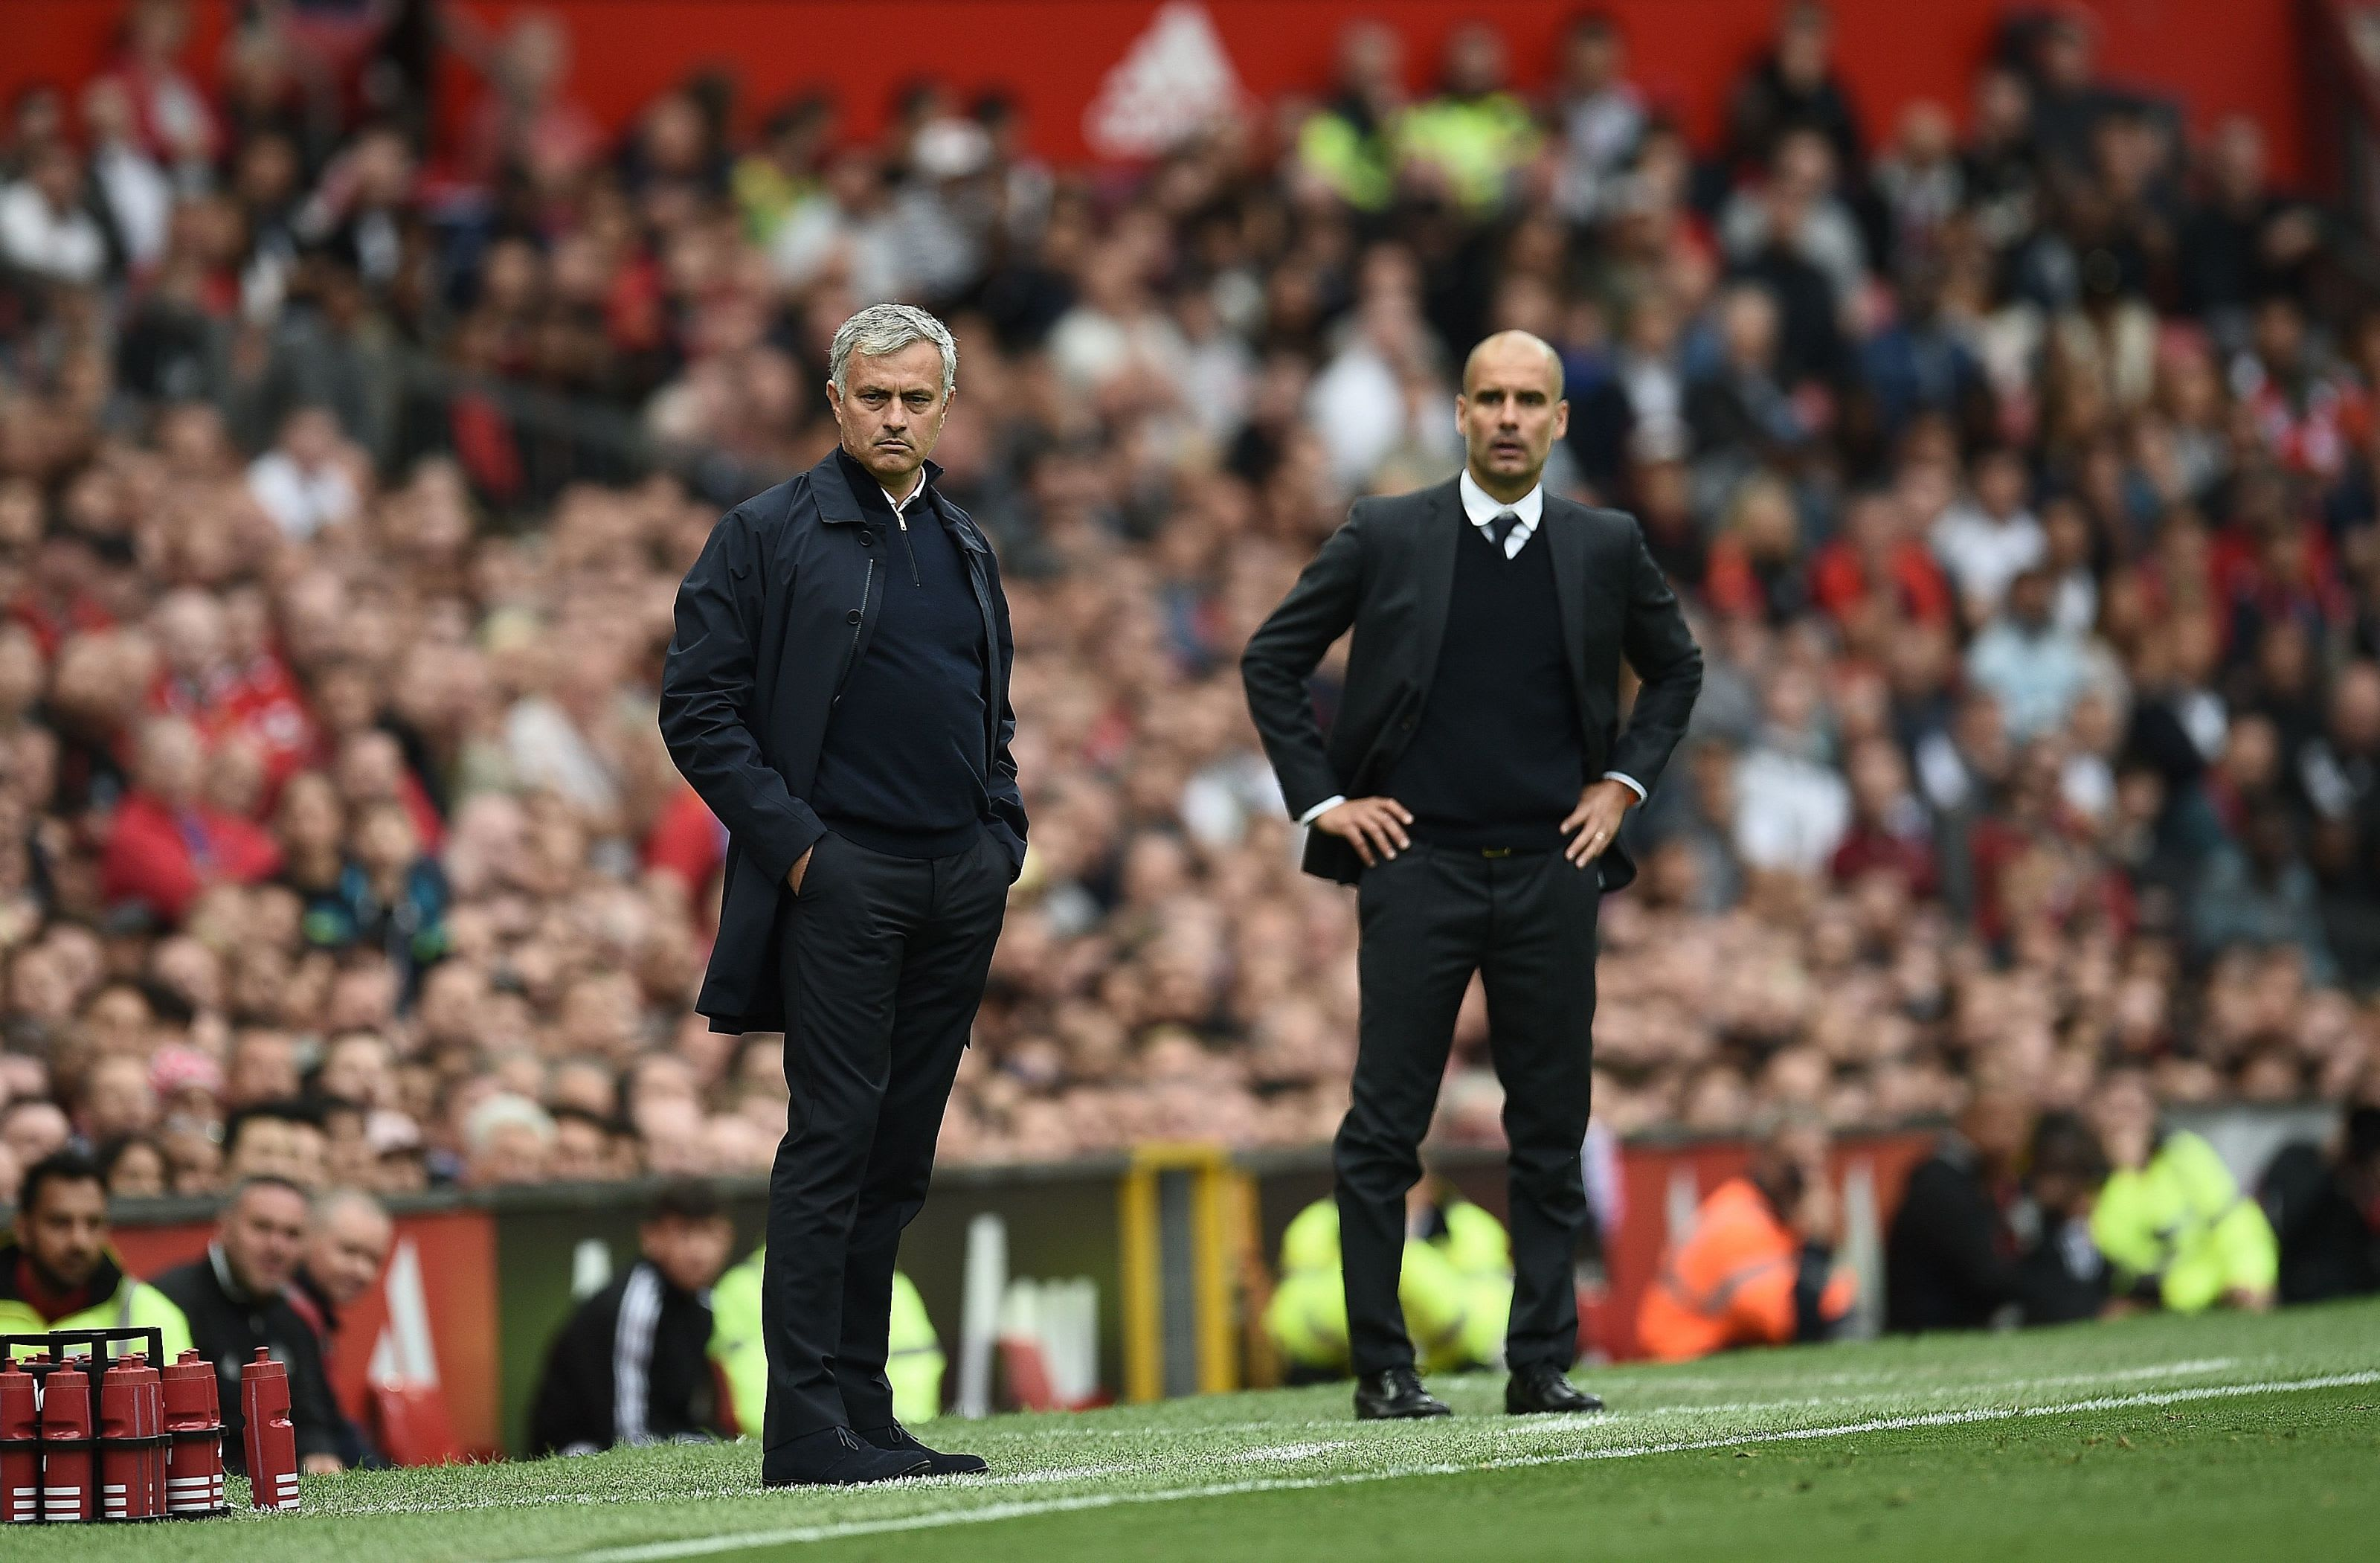 Mourinho Tottenham, Guardiola